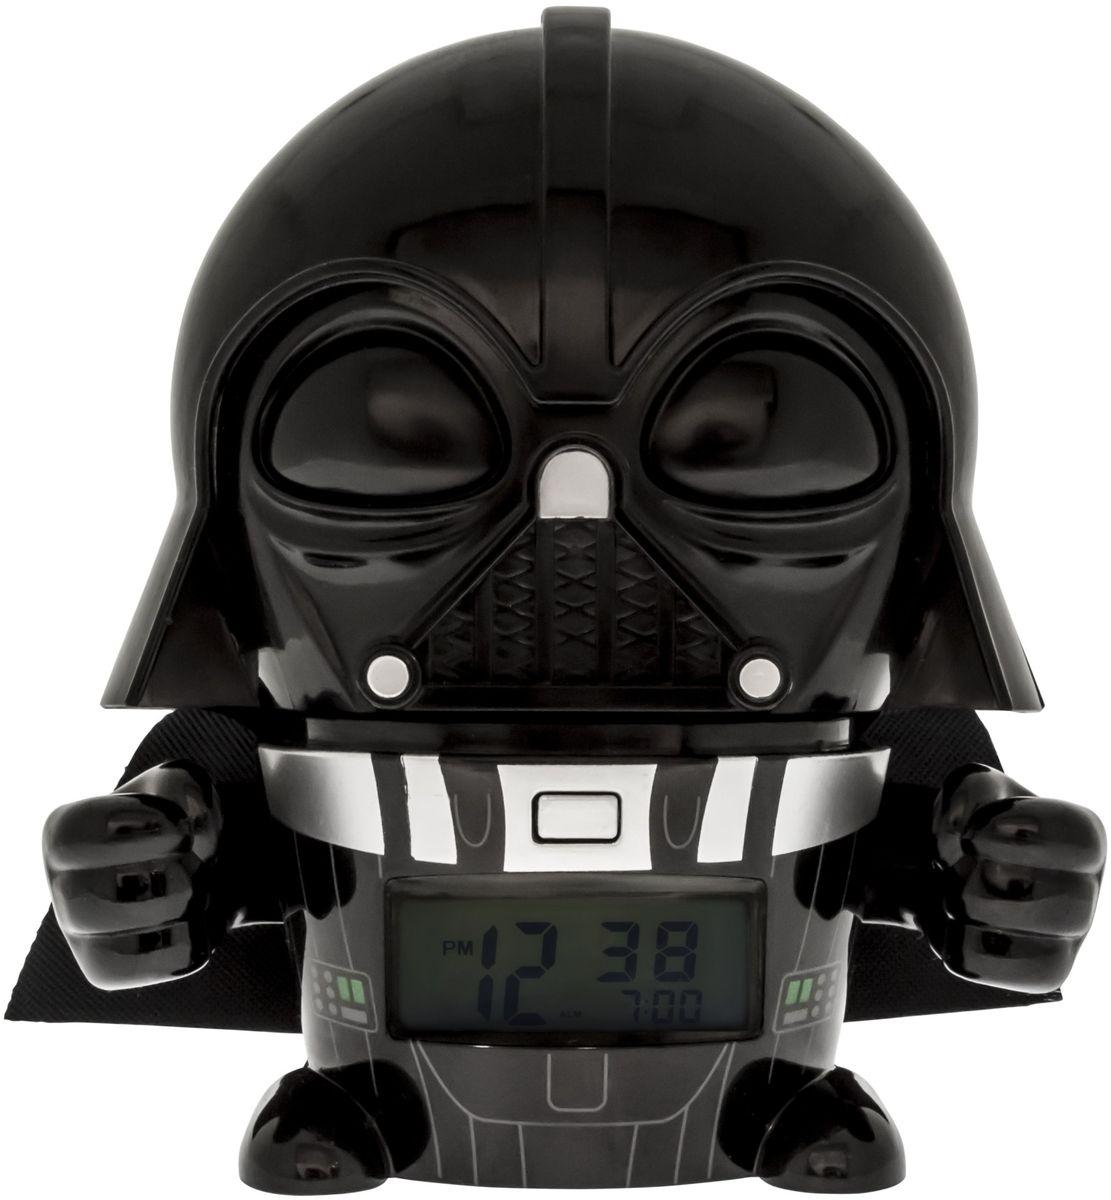 Star Wars Будильник BulbBotz Darth Vader - Радиобудильники и проекционные часы